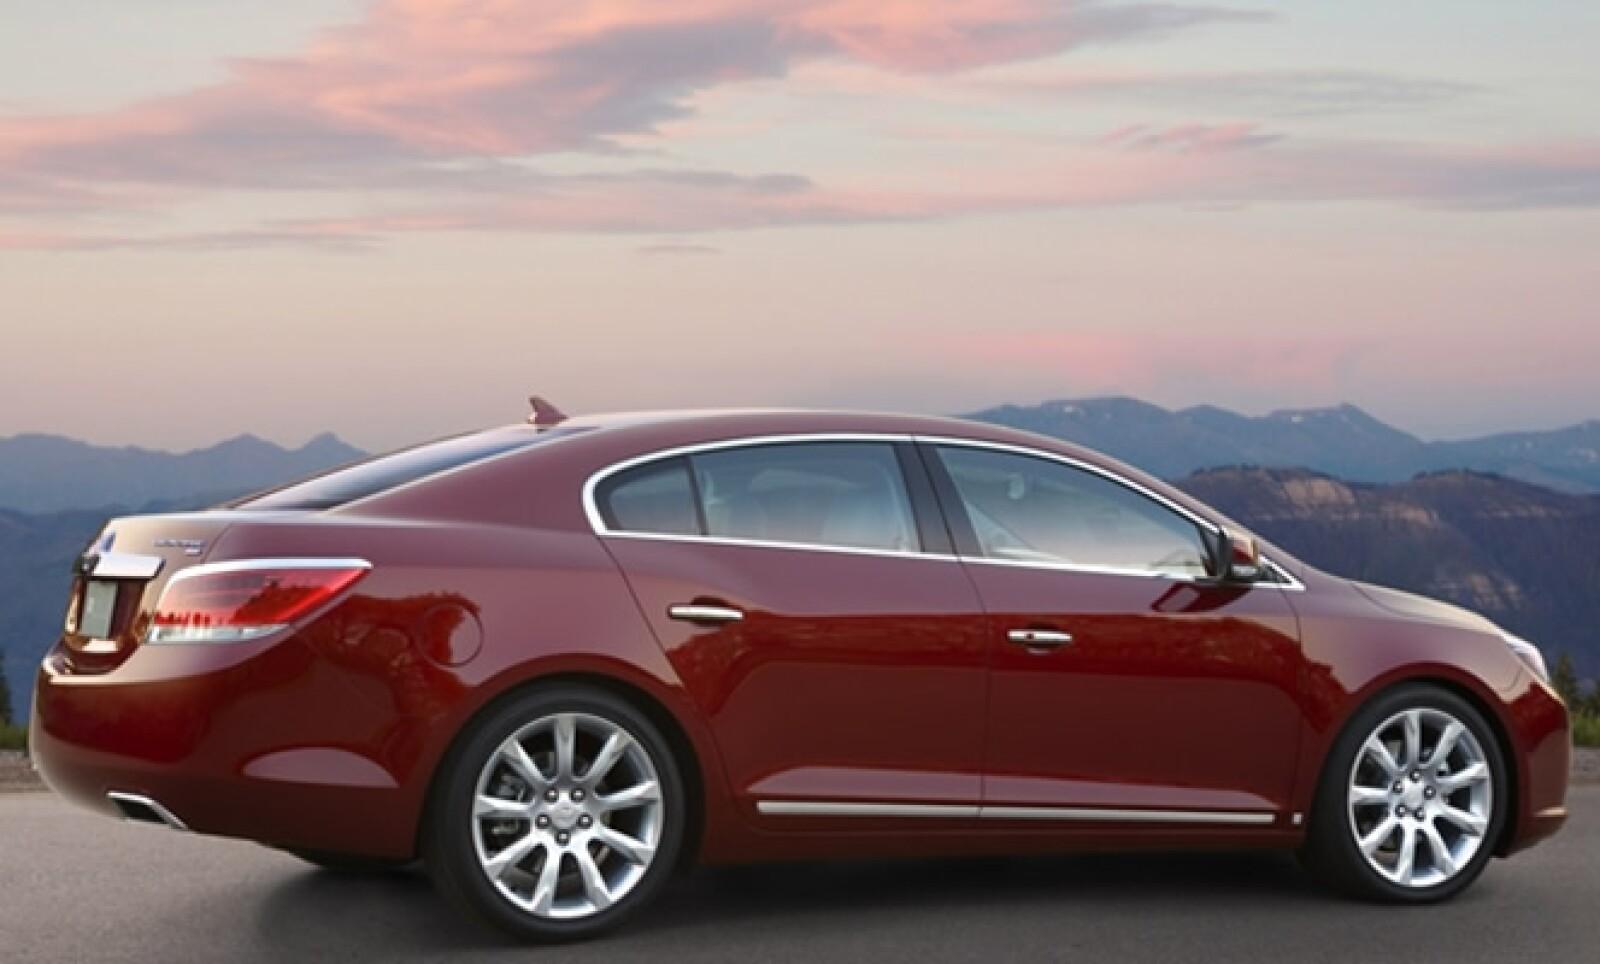 LaCrosse se fabrica en la reconocida planta Fairfax de General Motors en Kansas y su precio es de $540,000 pesos.